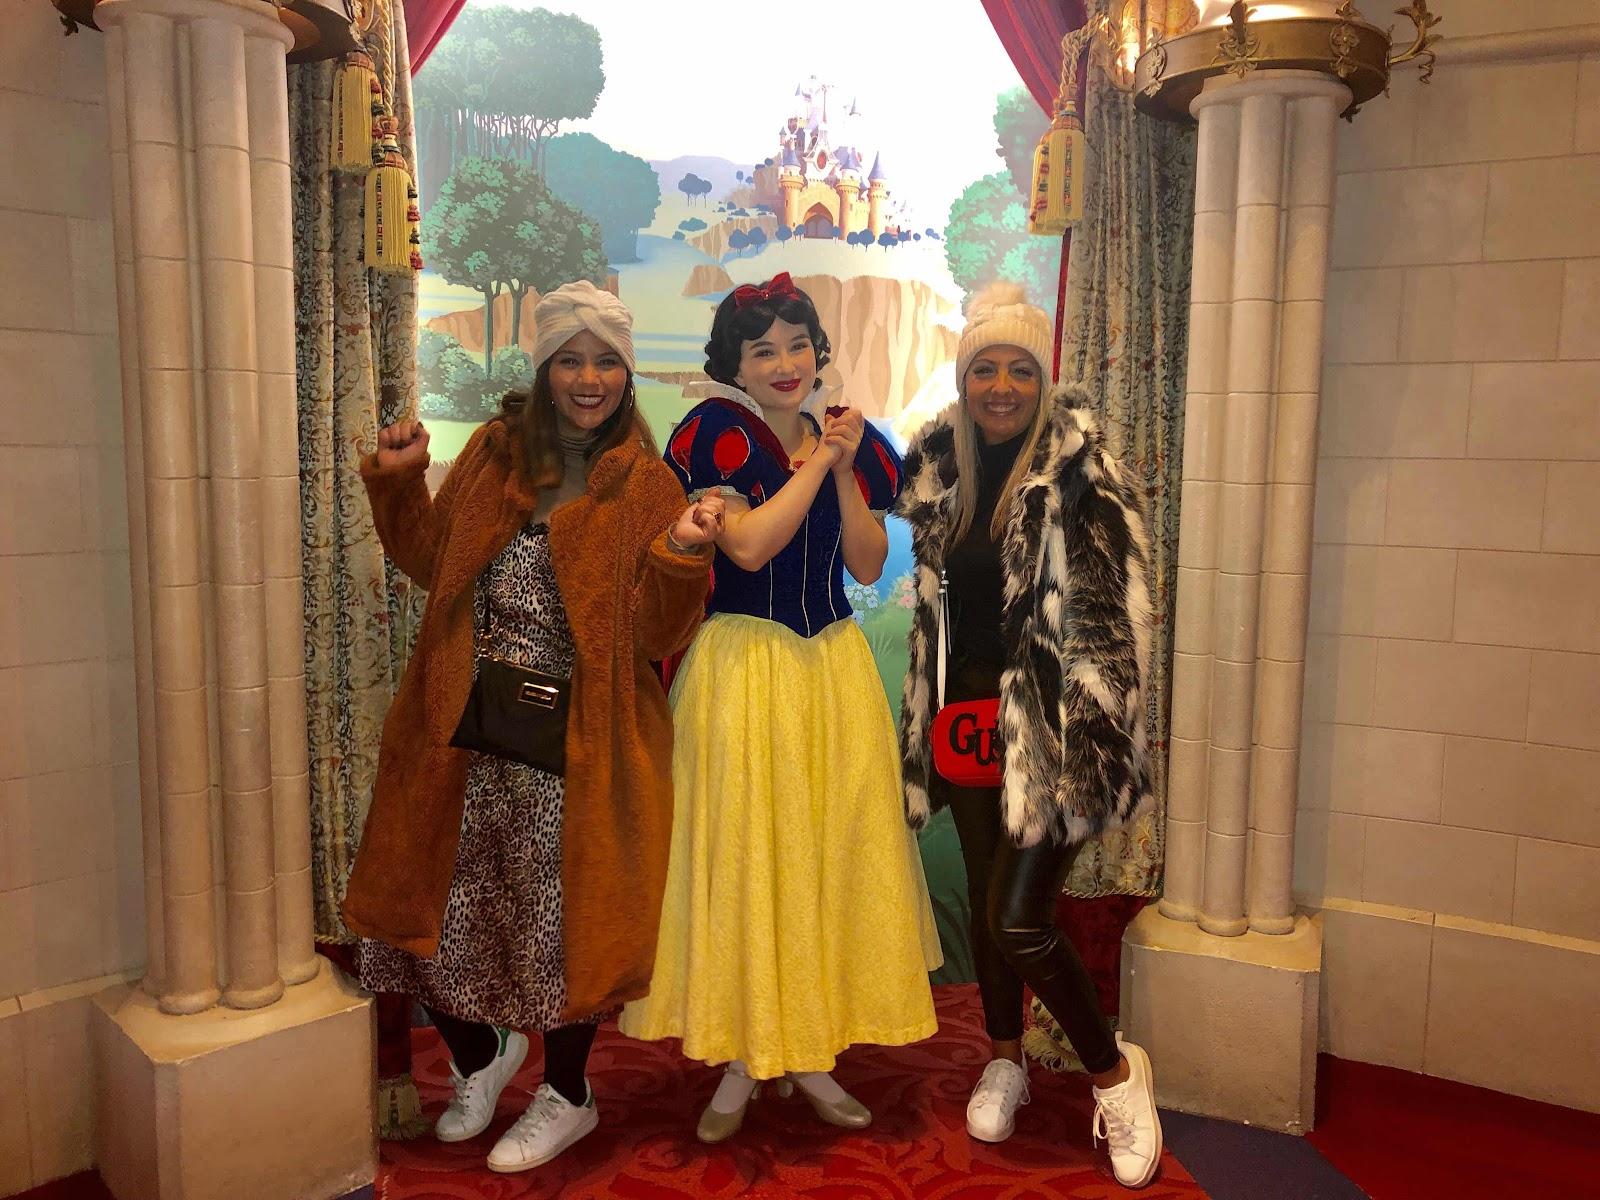 favor notar que éramos as únicas adultas na foto com as princesas..... 😏😂